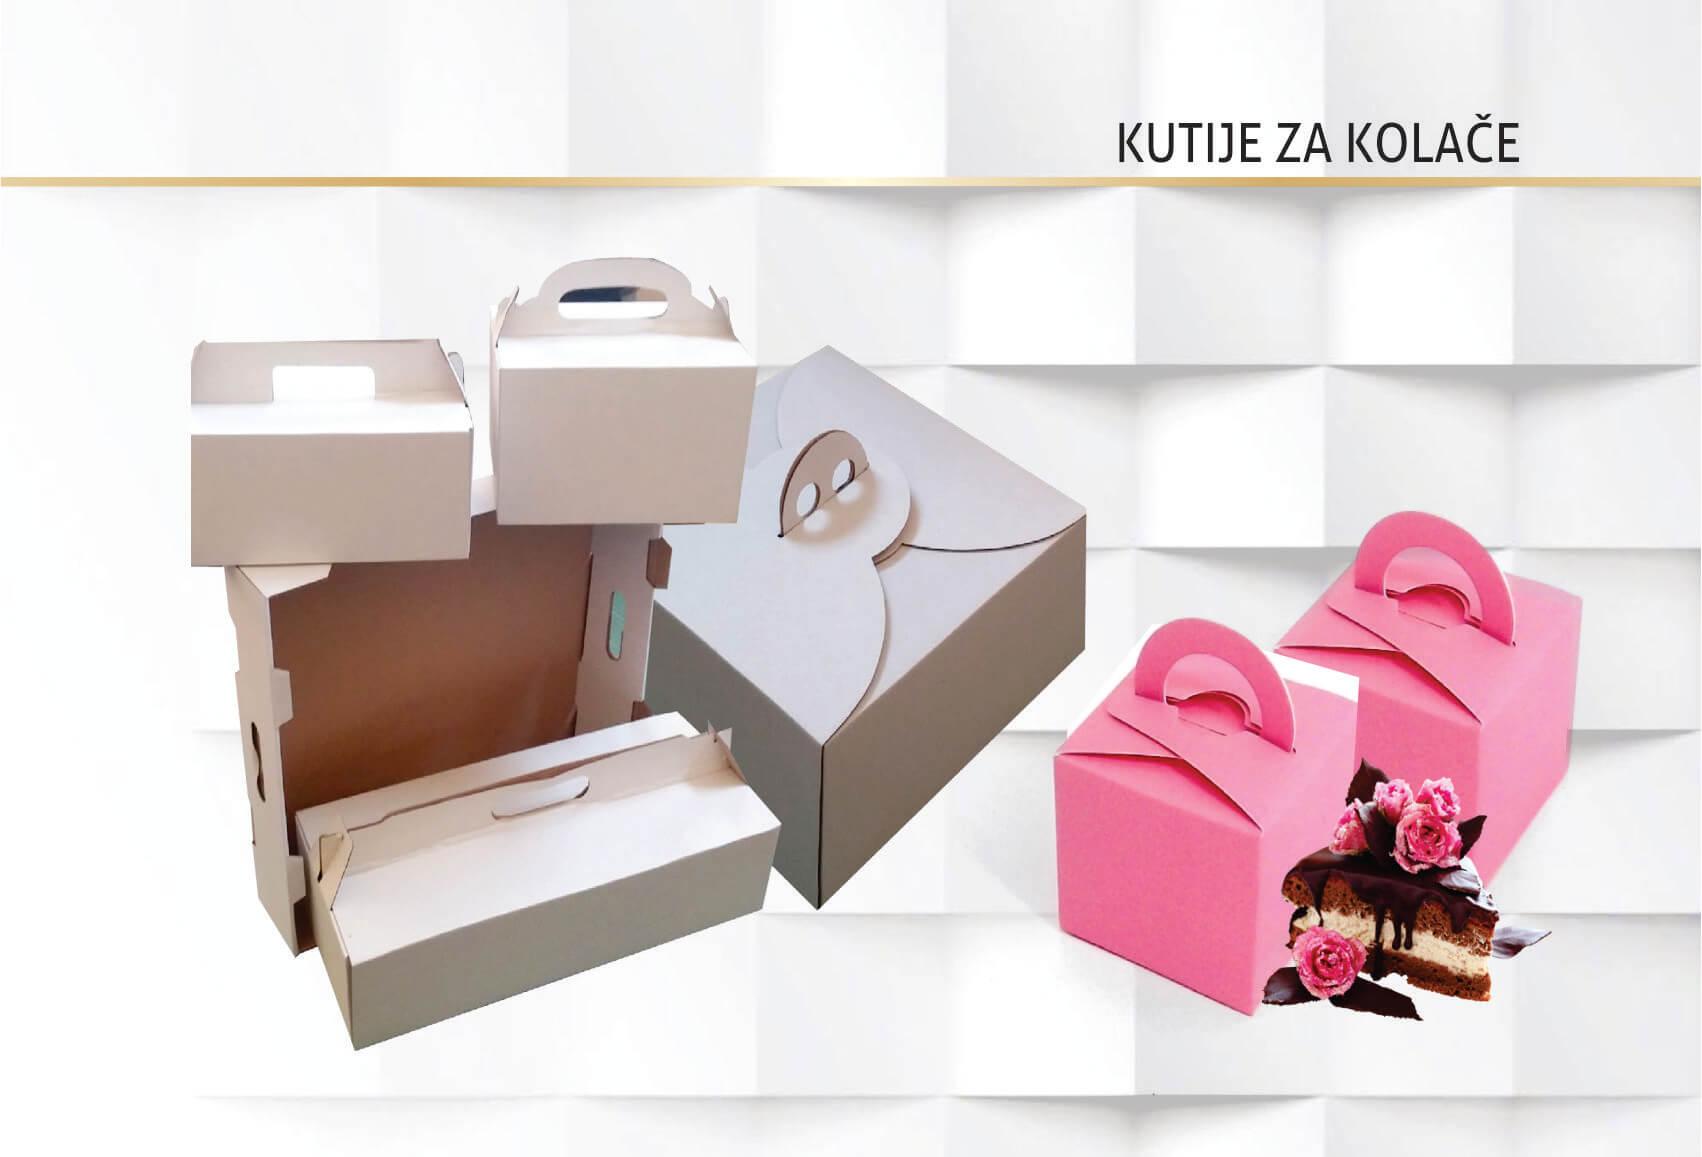 Kutije za kolače